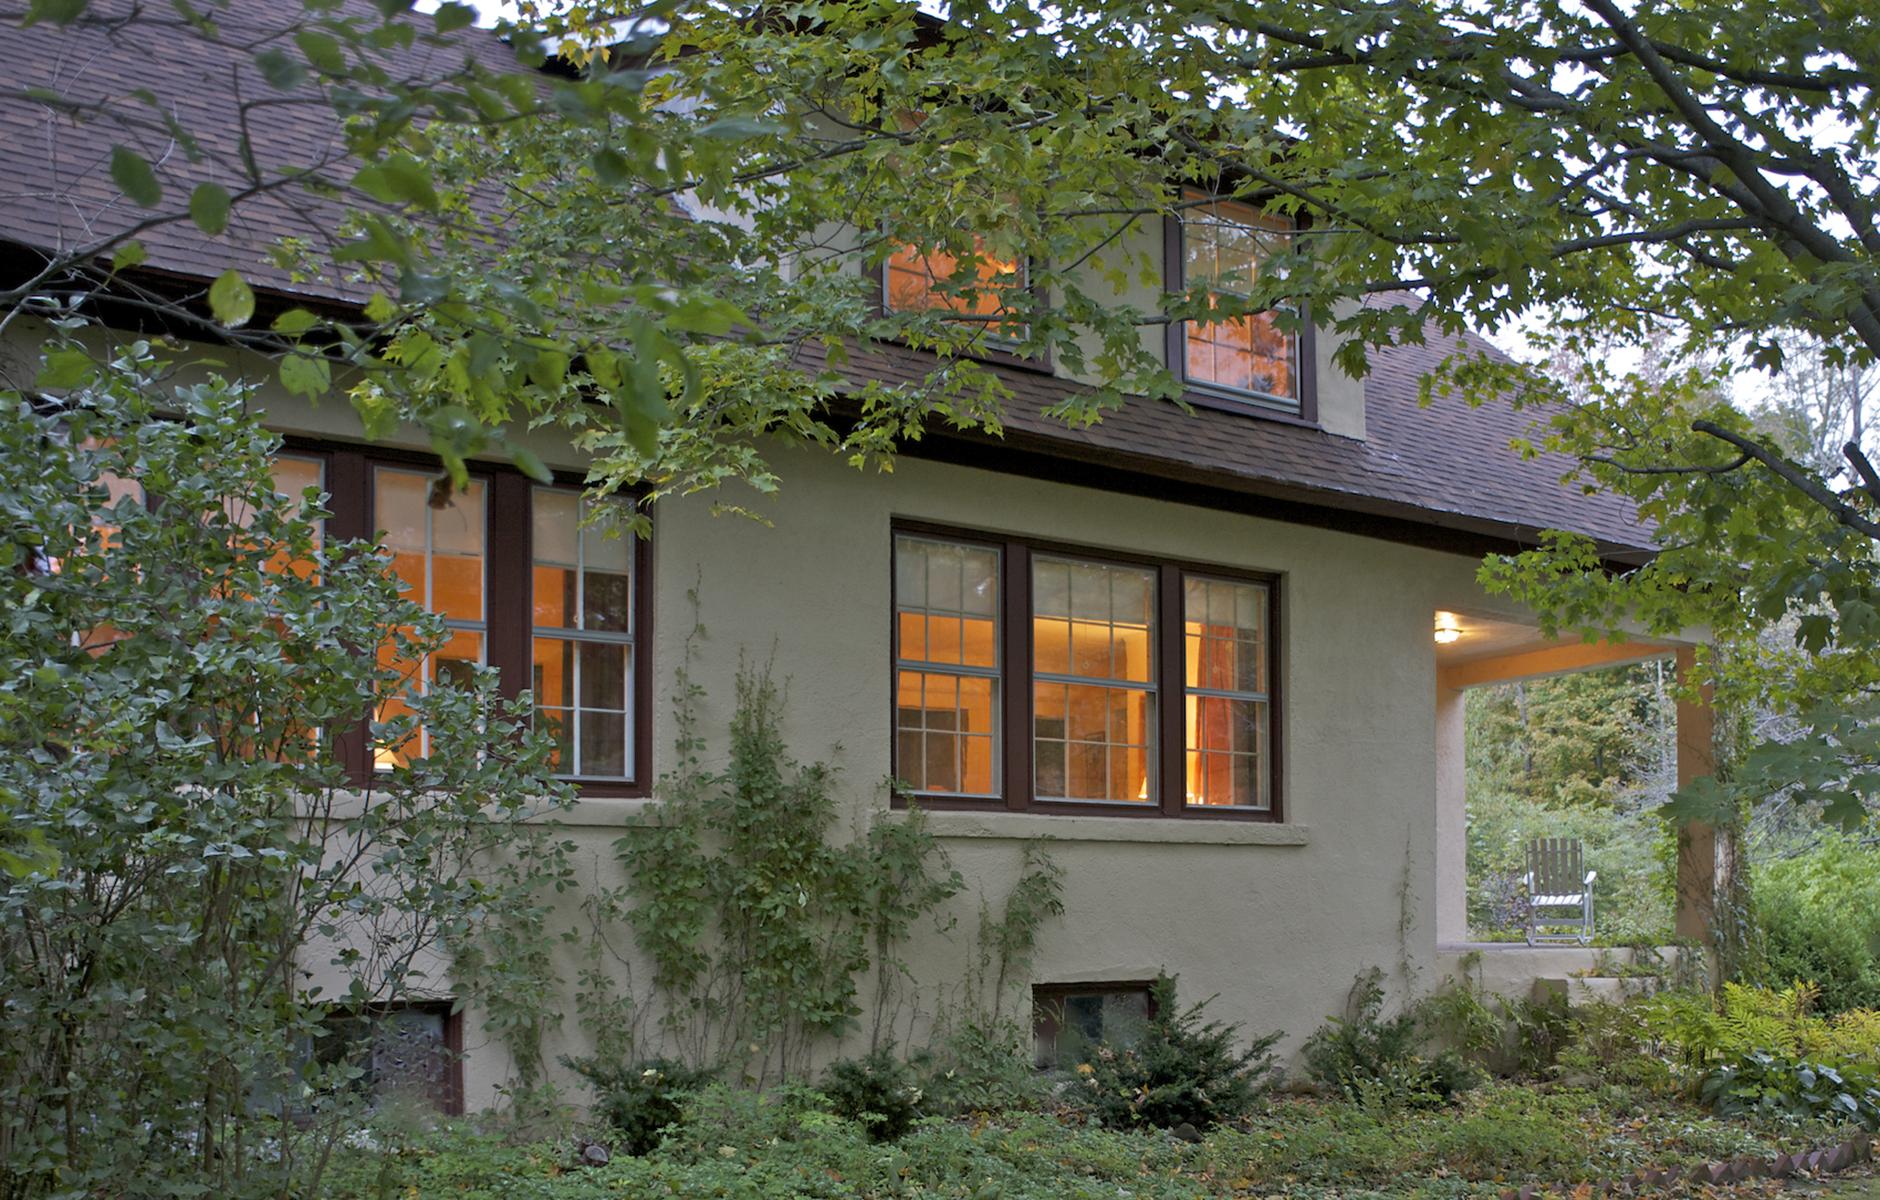 Maison unifamiliale pour l Vente à Charming Berkshire Bungalow with Artist's Studio 482 Canaan Rd Richmond, Massachusetts 01254 États-Unis